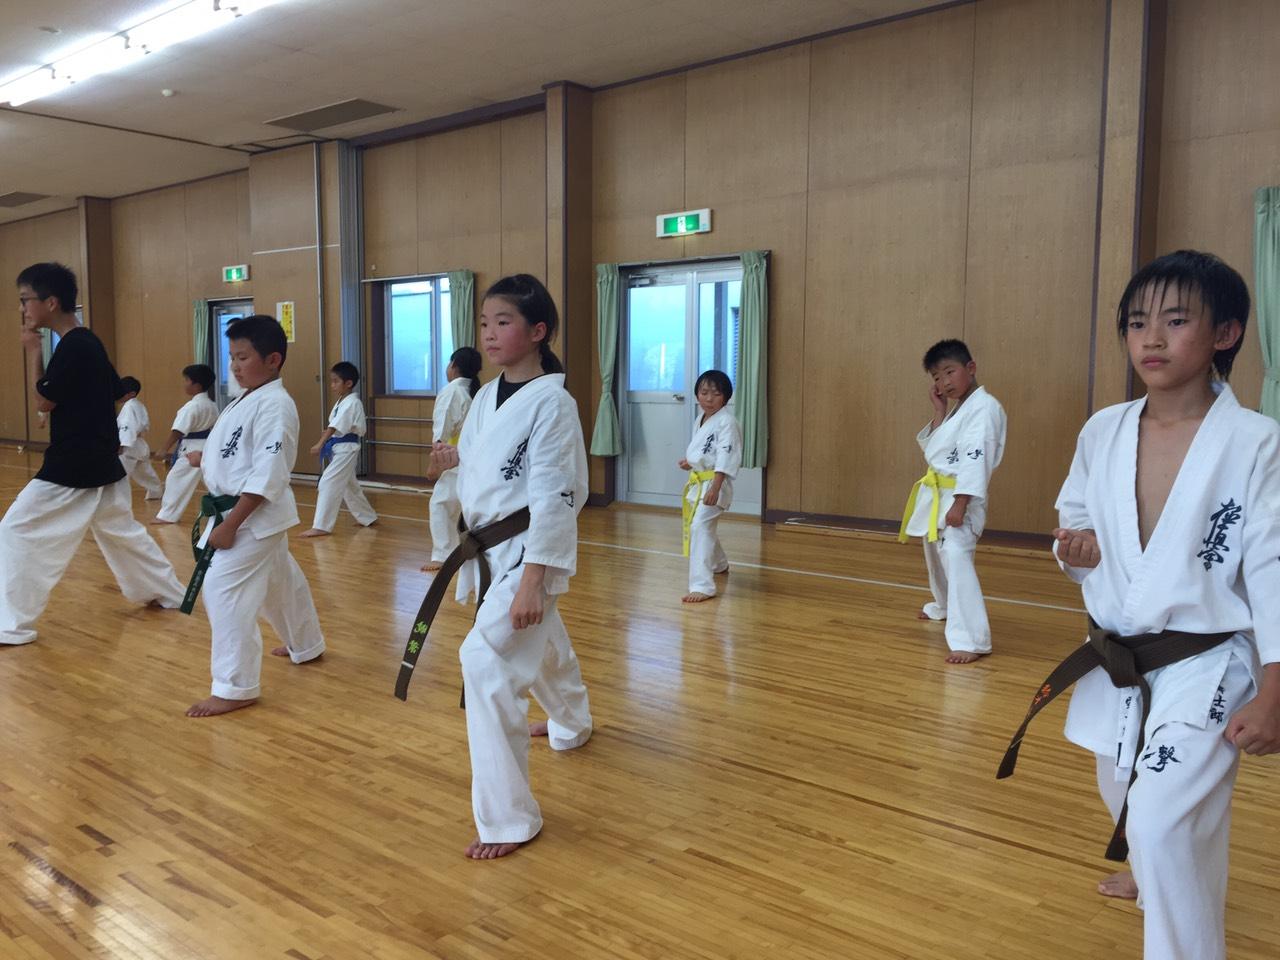 http://www.kyokushin-chibaminami.com/images/1442843410381.jpg